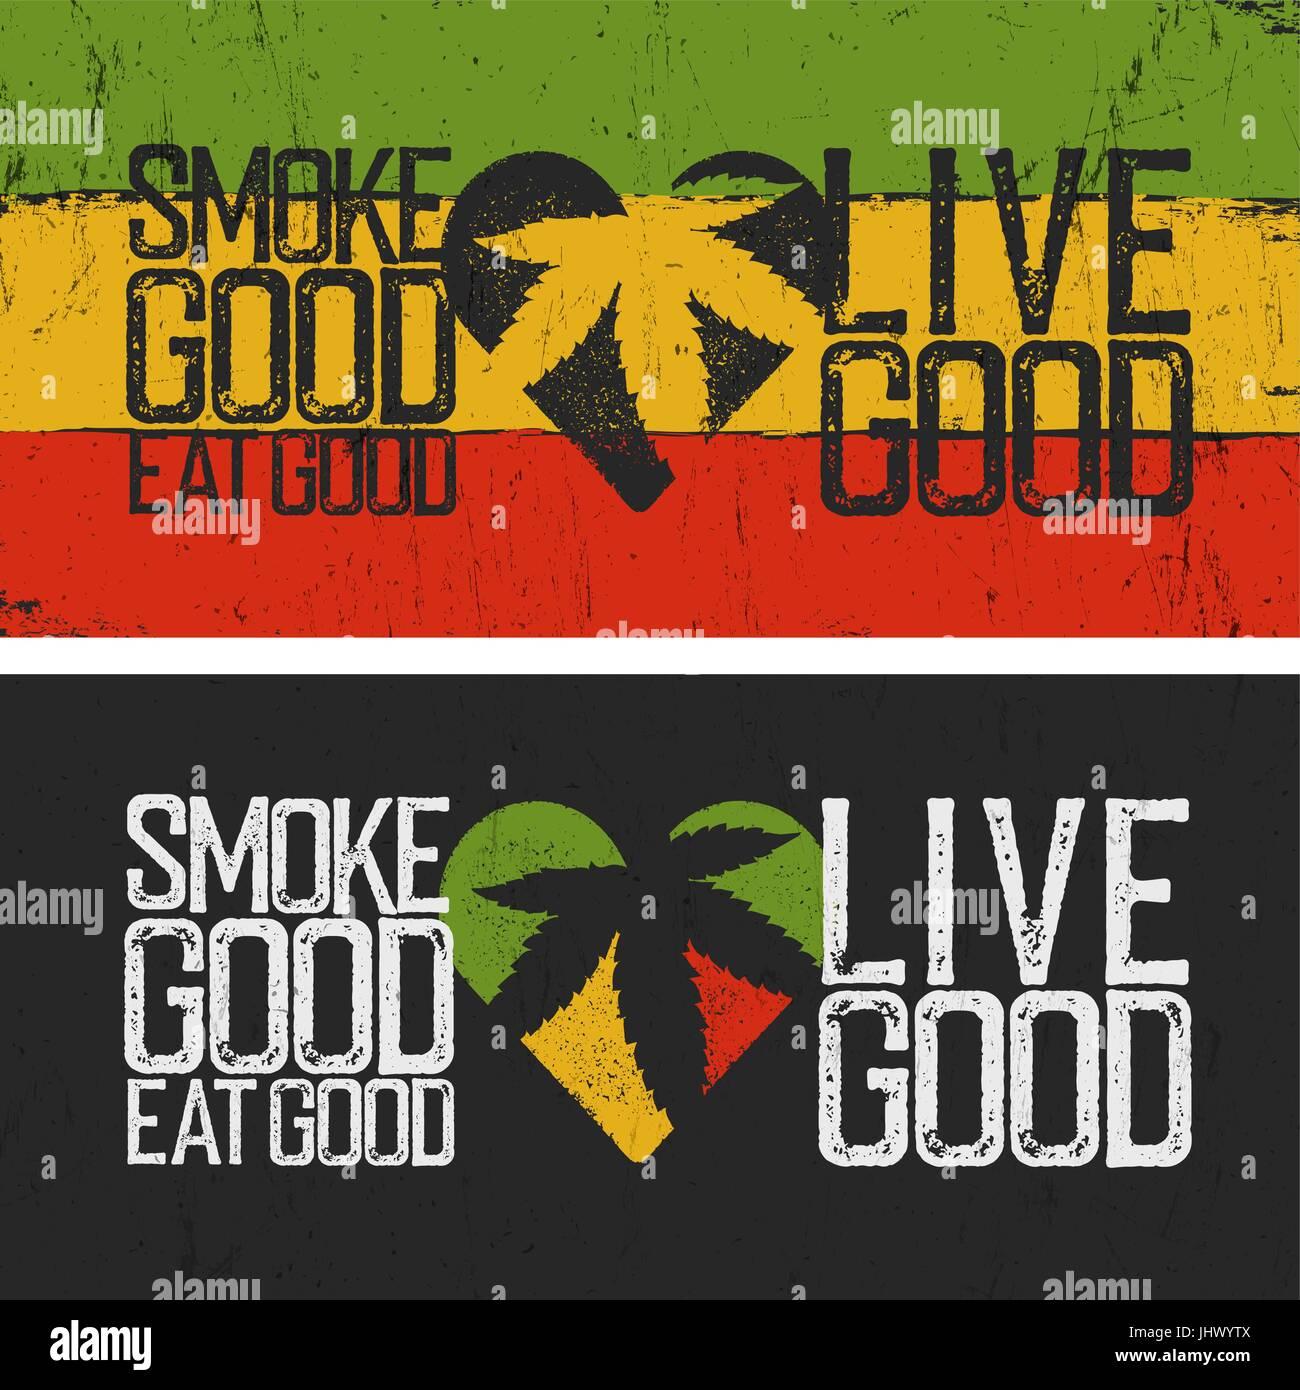 Rasta Love Quotes Jah Rastafarian Stock Photos & Jah Rastafarian Stock Images  Alamy